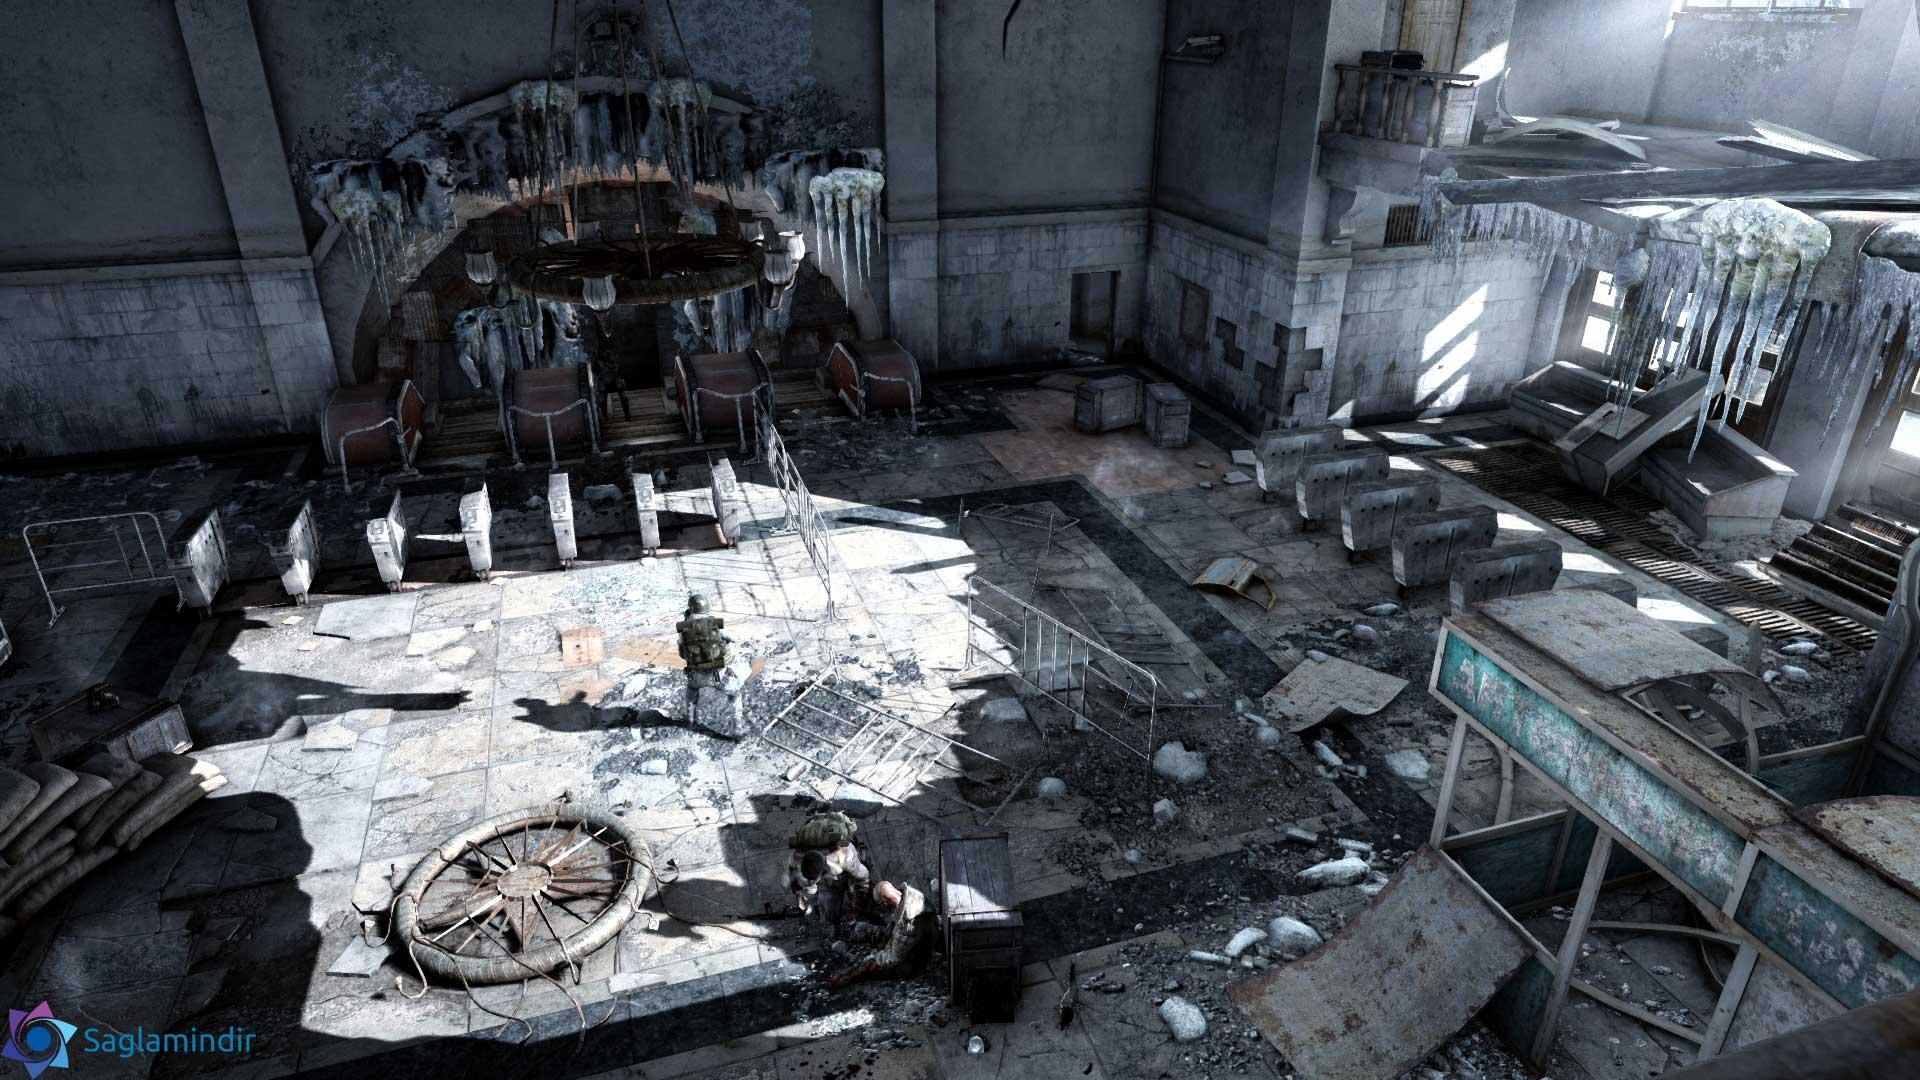 Metro 2033 saglamindir